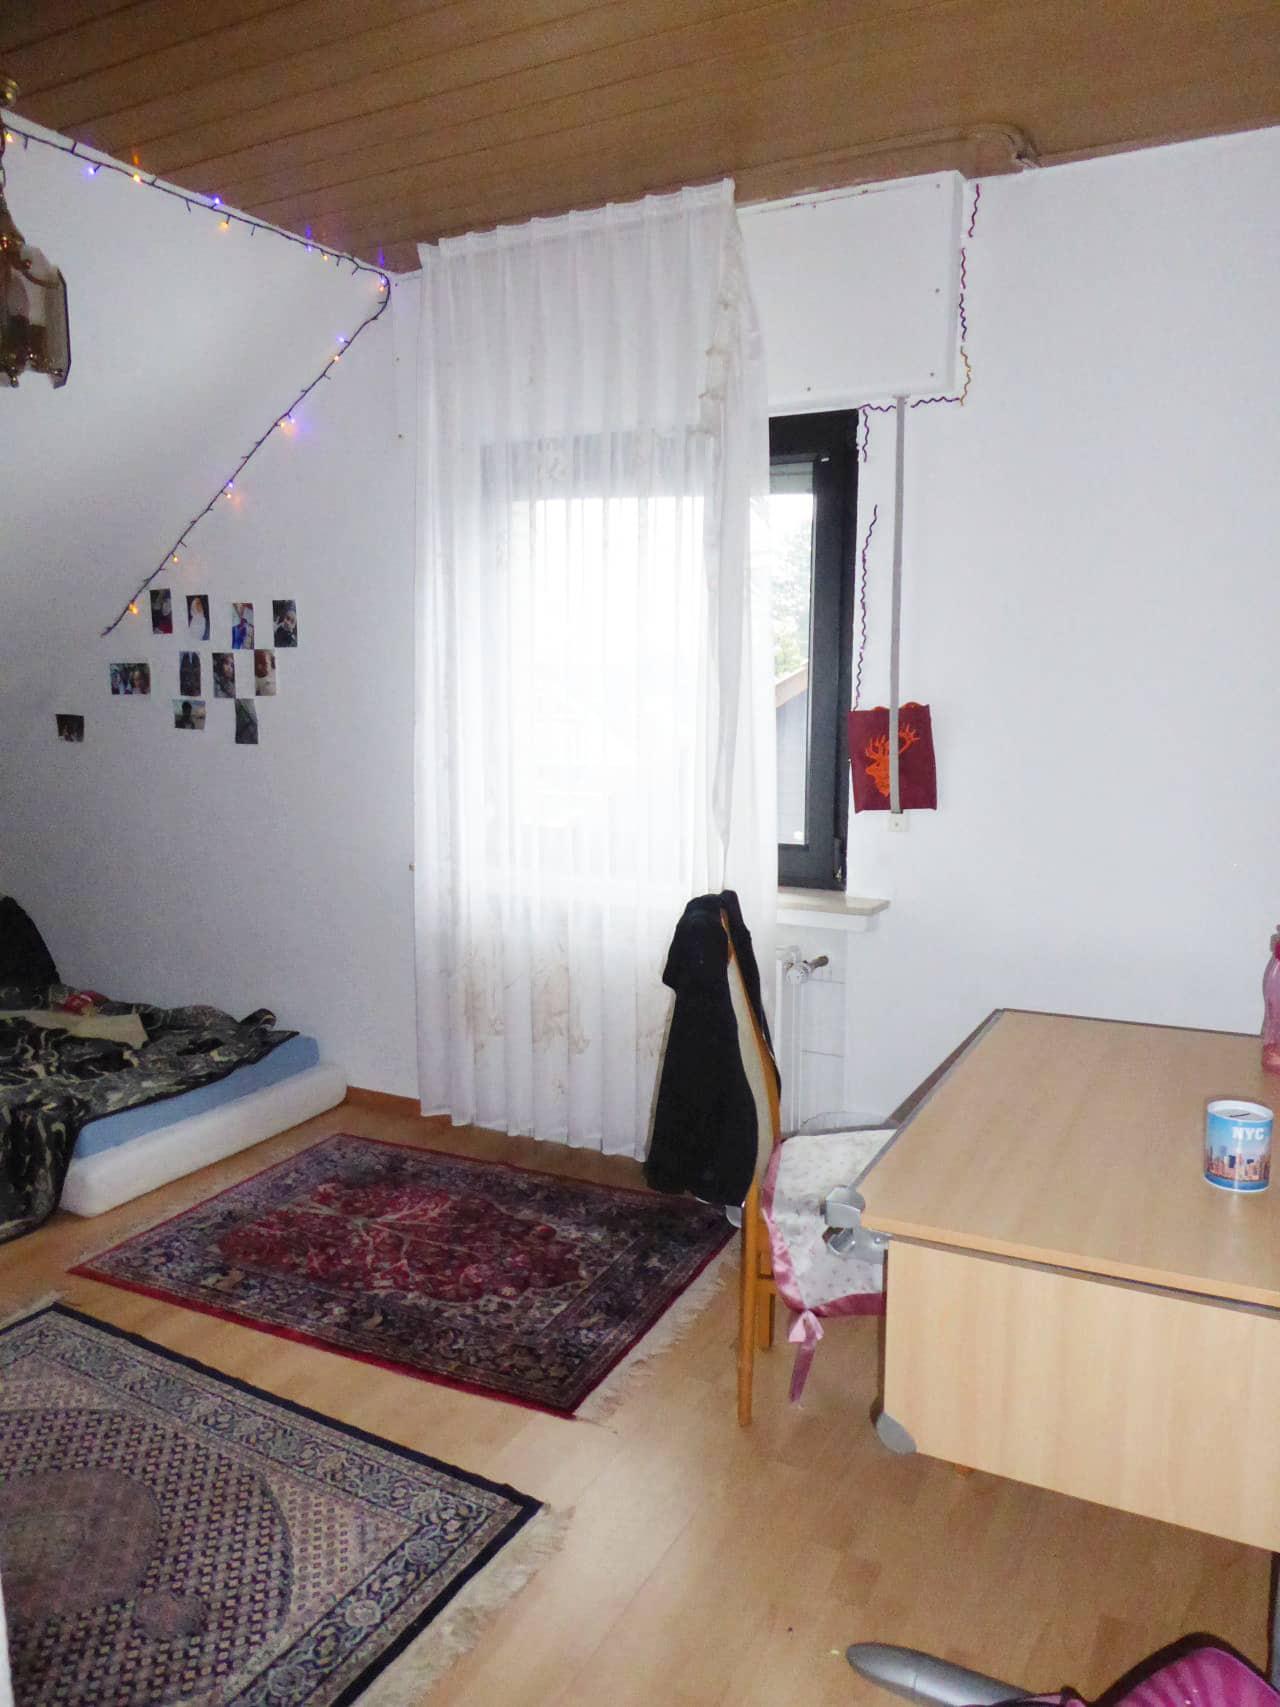 Kinderzimmer 4 OG